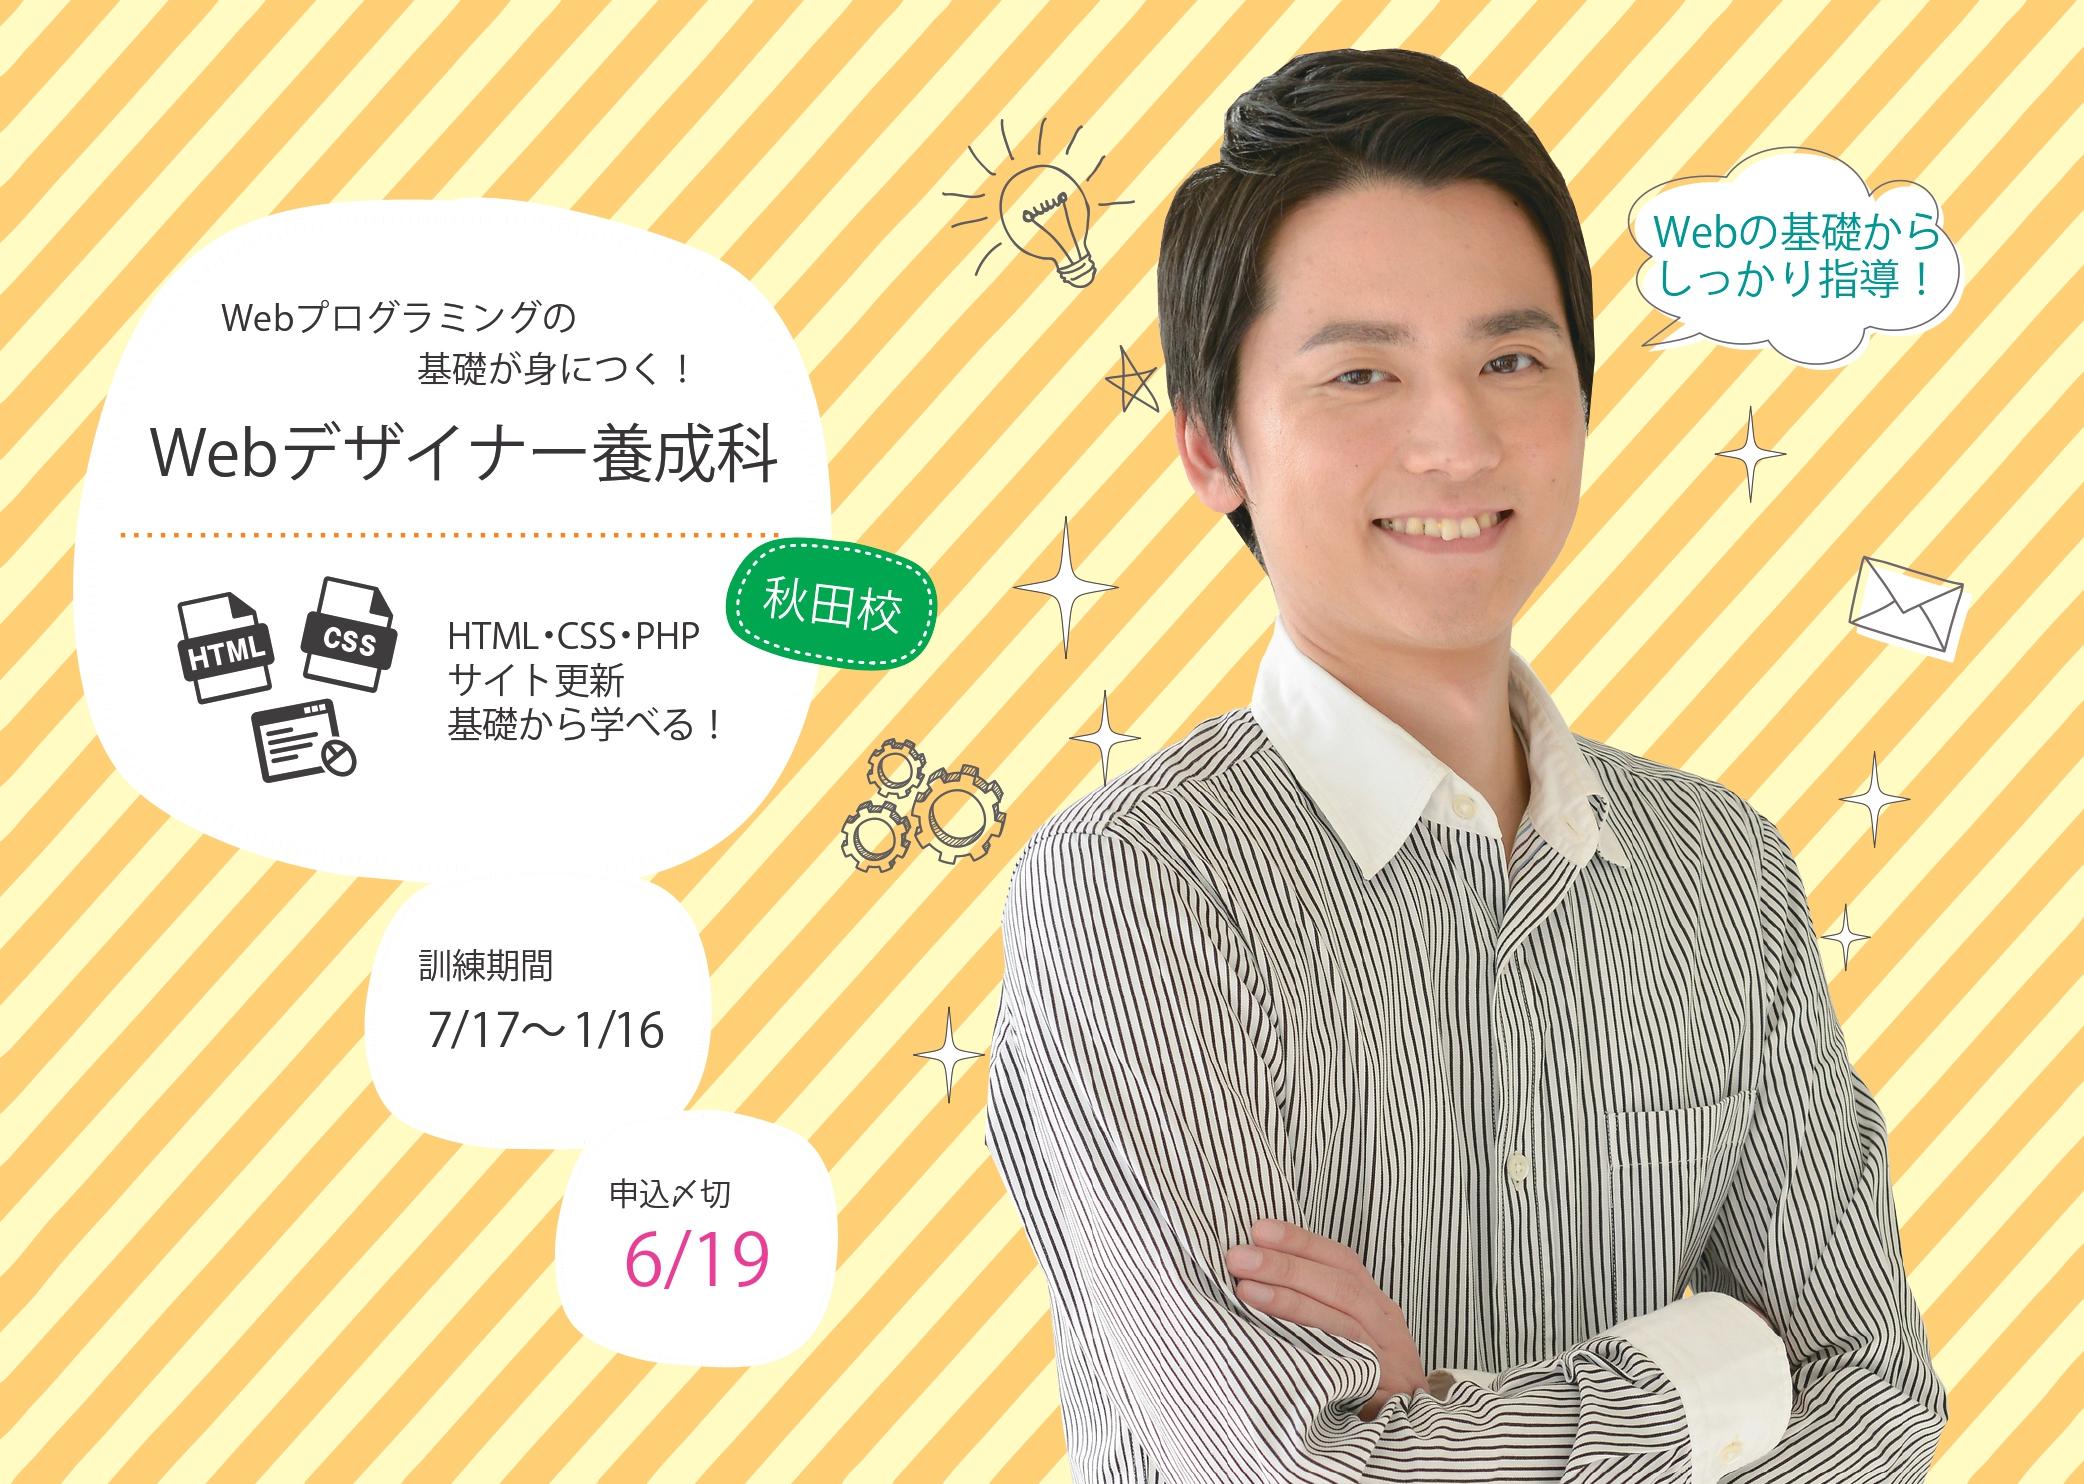 【秋田】Webデザイナー養成科【6/19〆切】